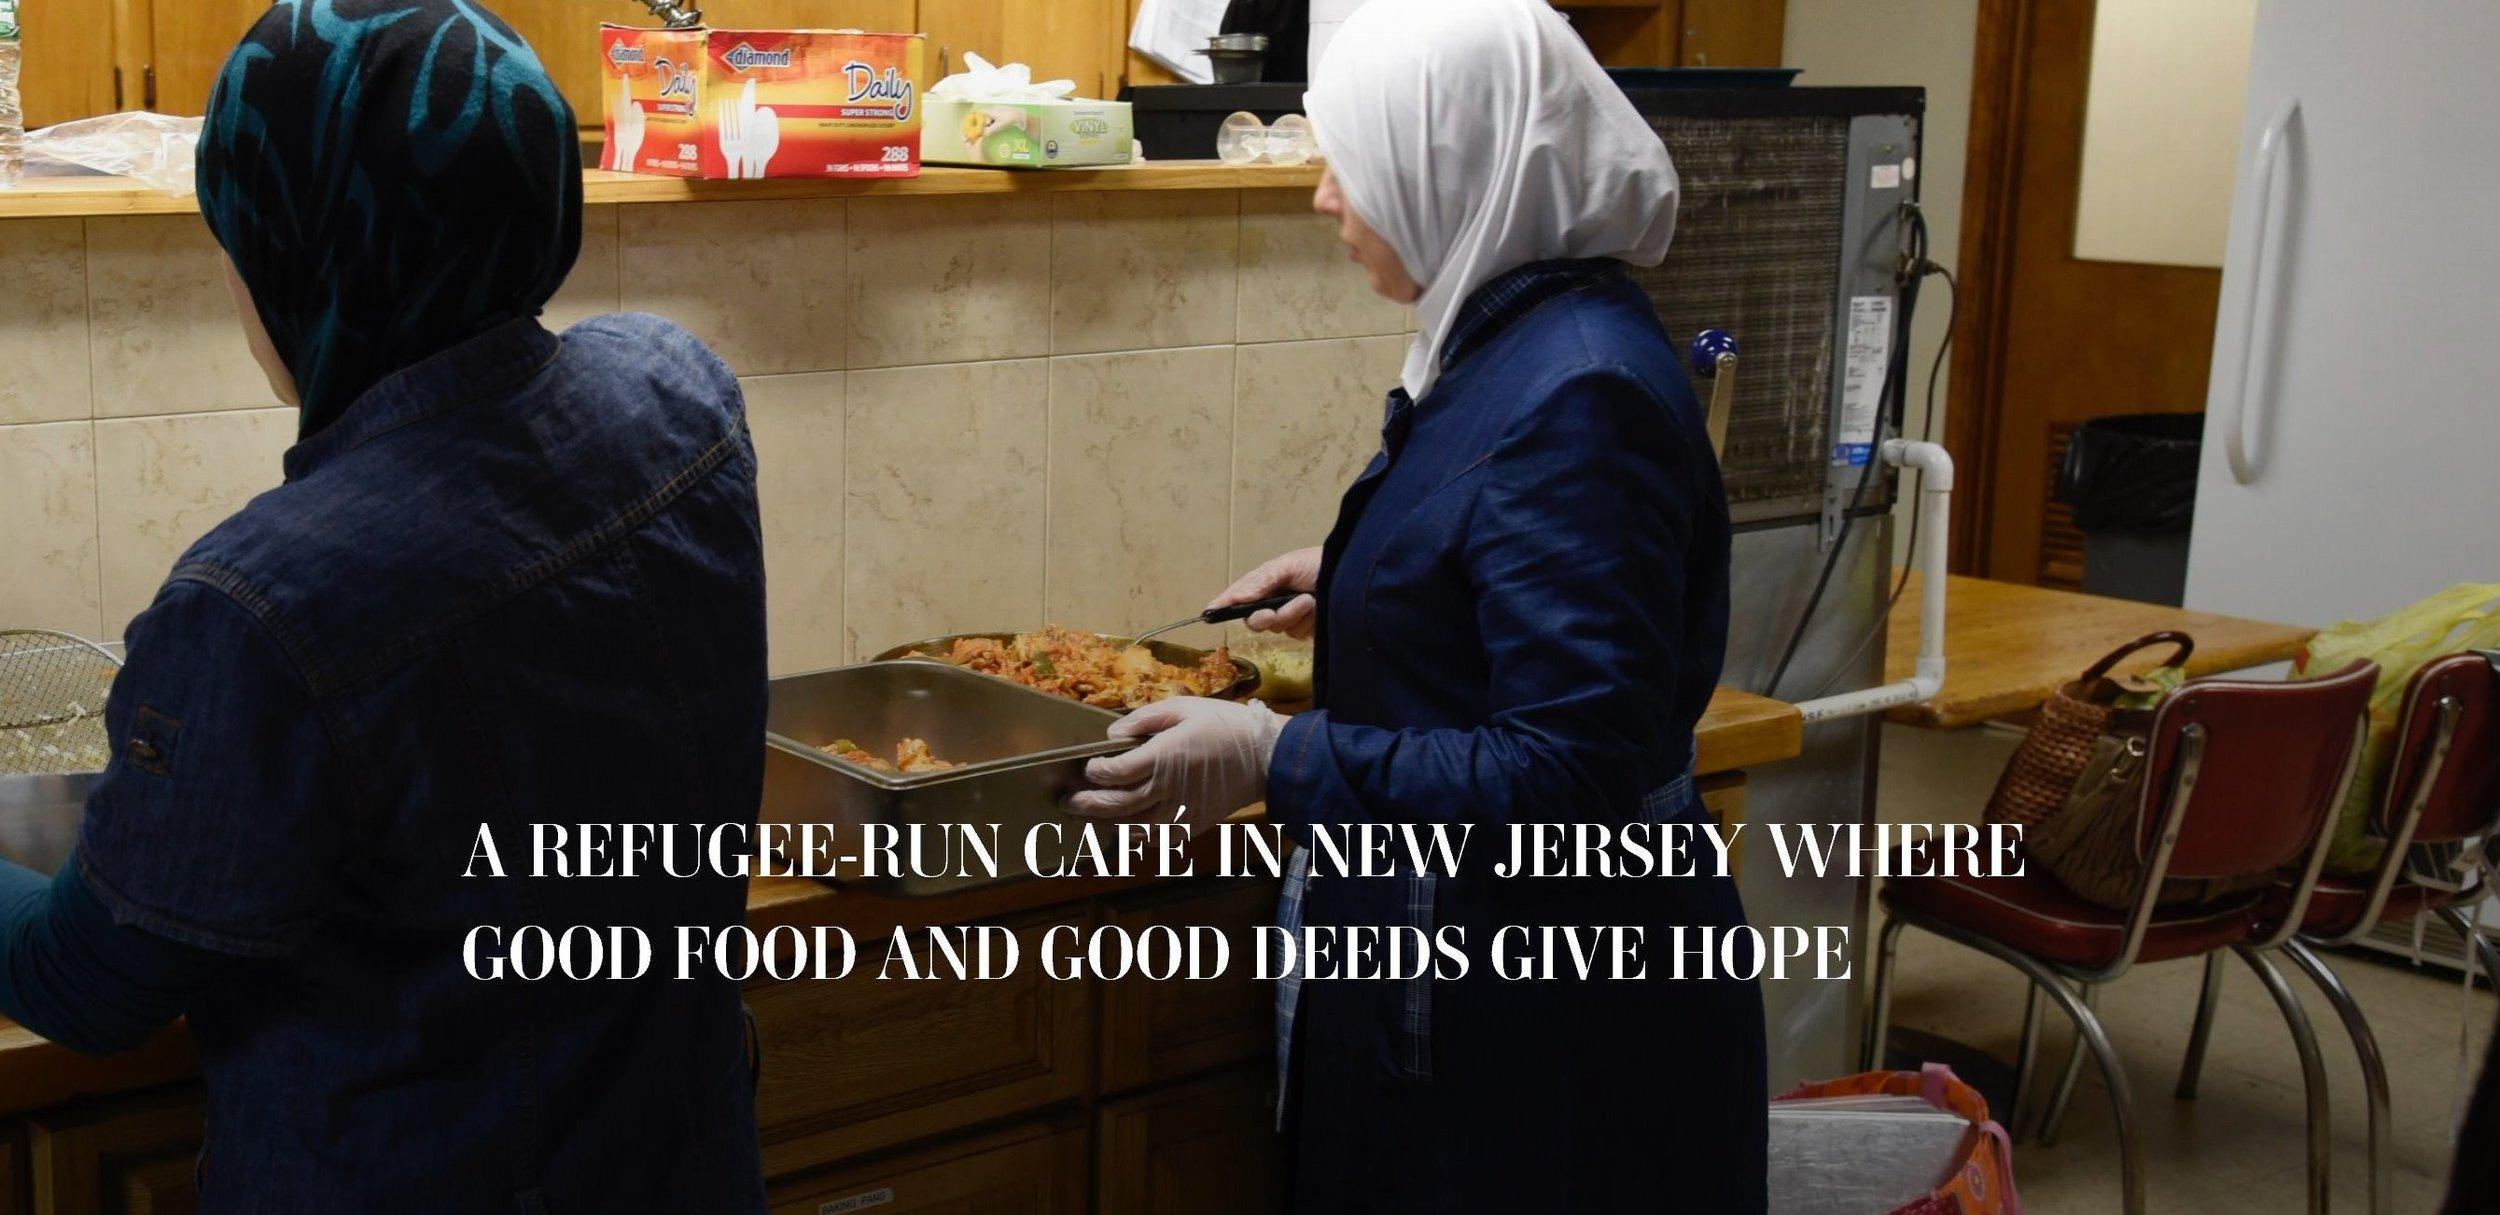 Refugee Cafe Story